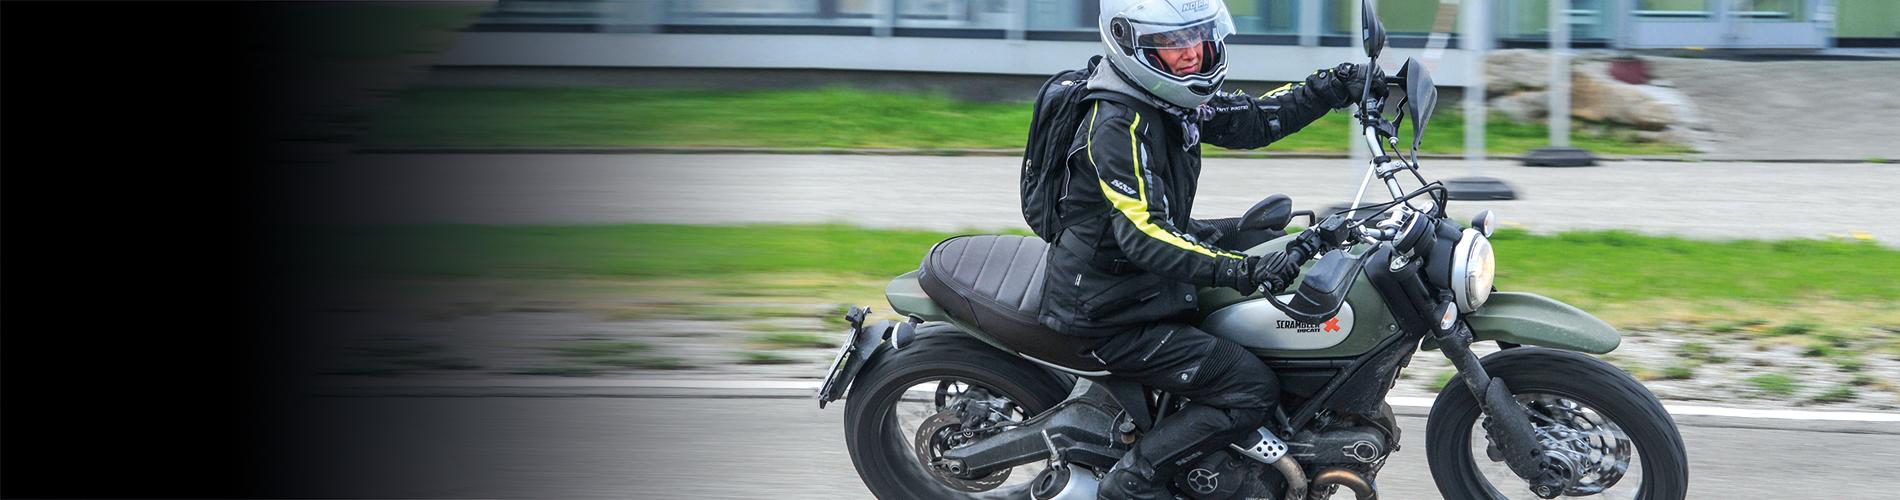 Motorrad Intensivtraining